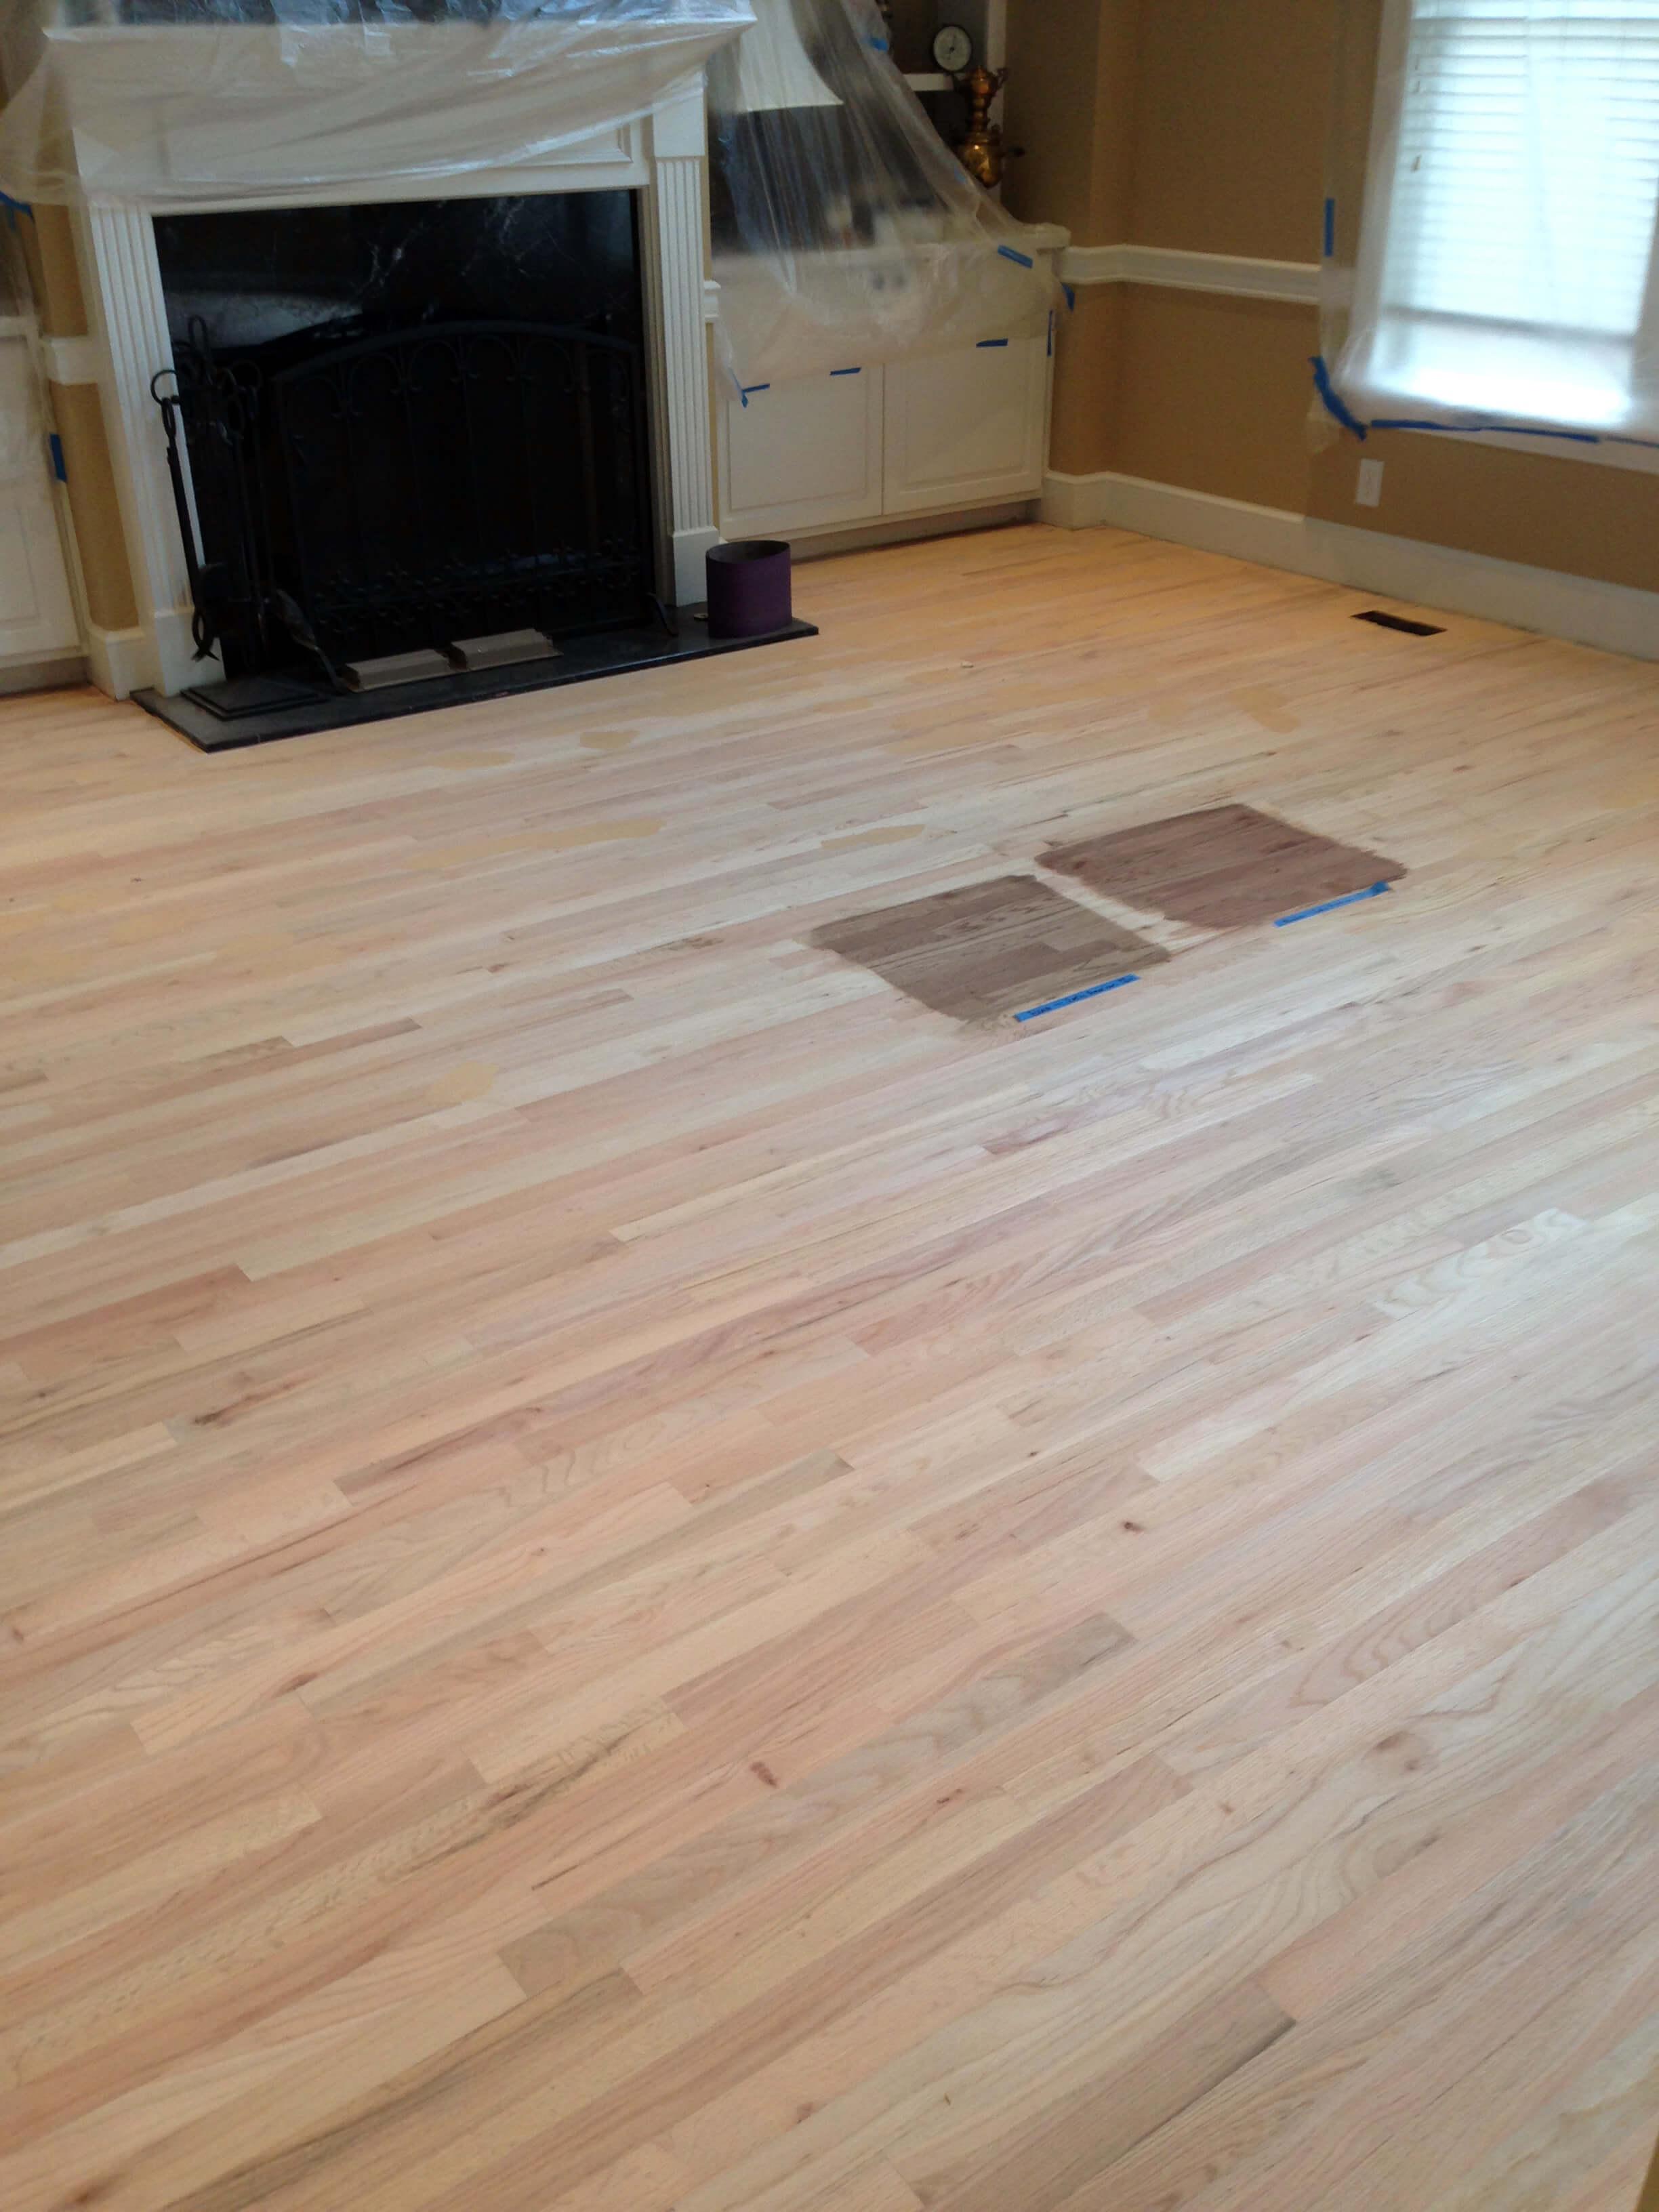 Project - Hardwood Floor Refinishing